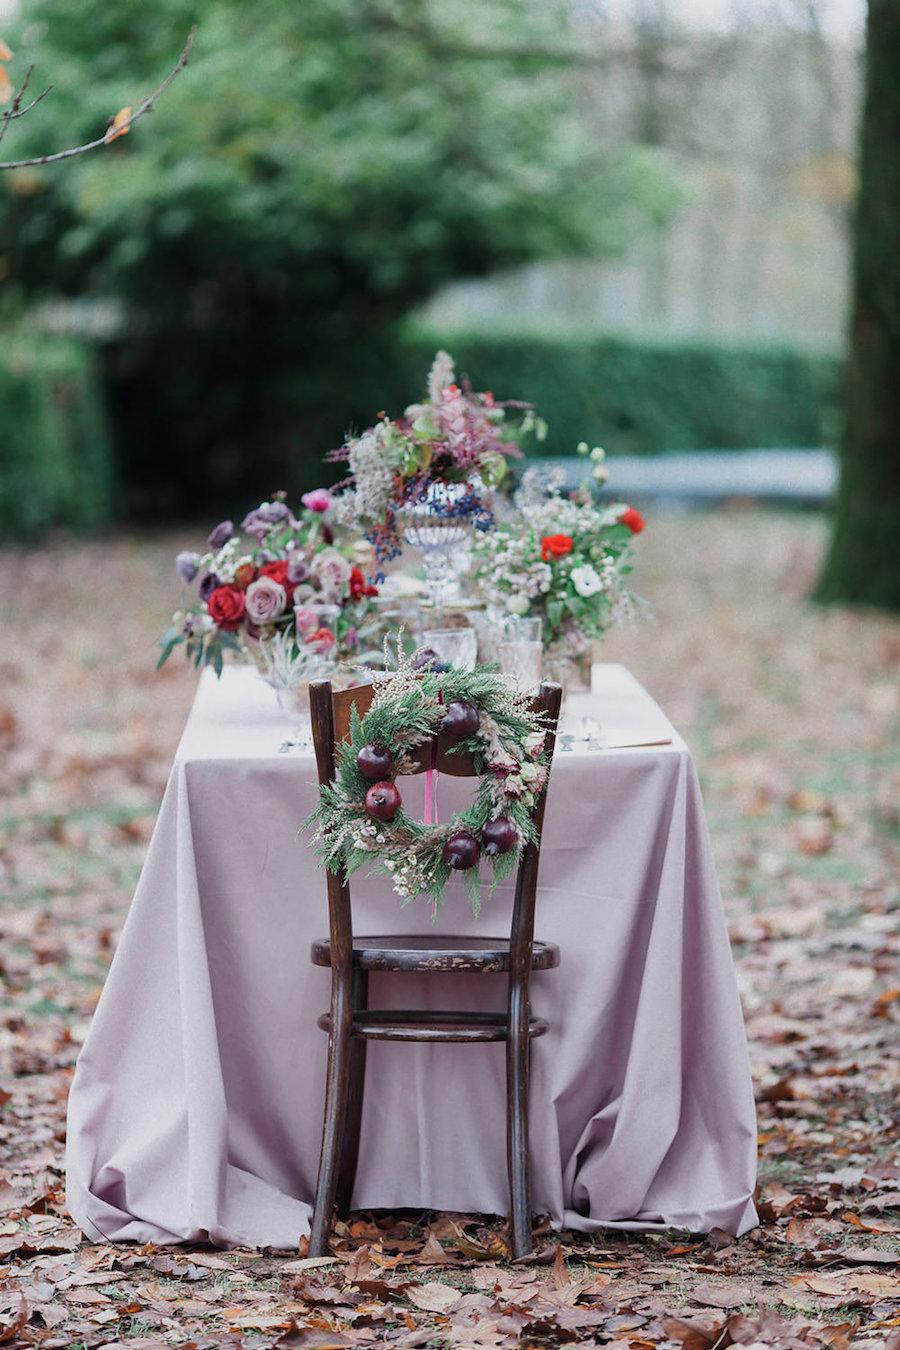 Matrimonio Abito Azzurro : Ispirazione moody invernale wedding wonderland